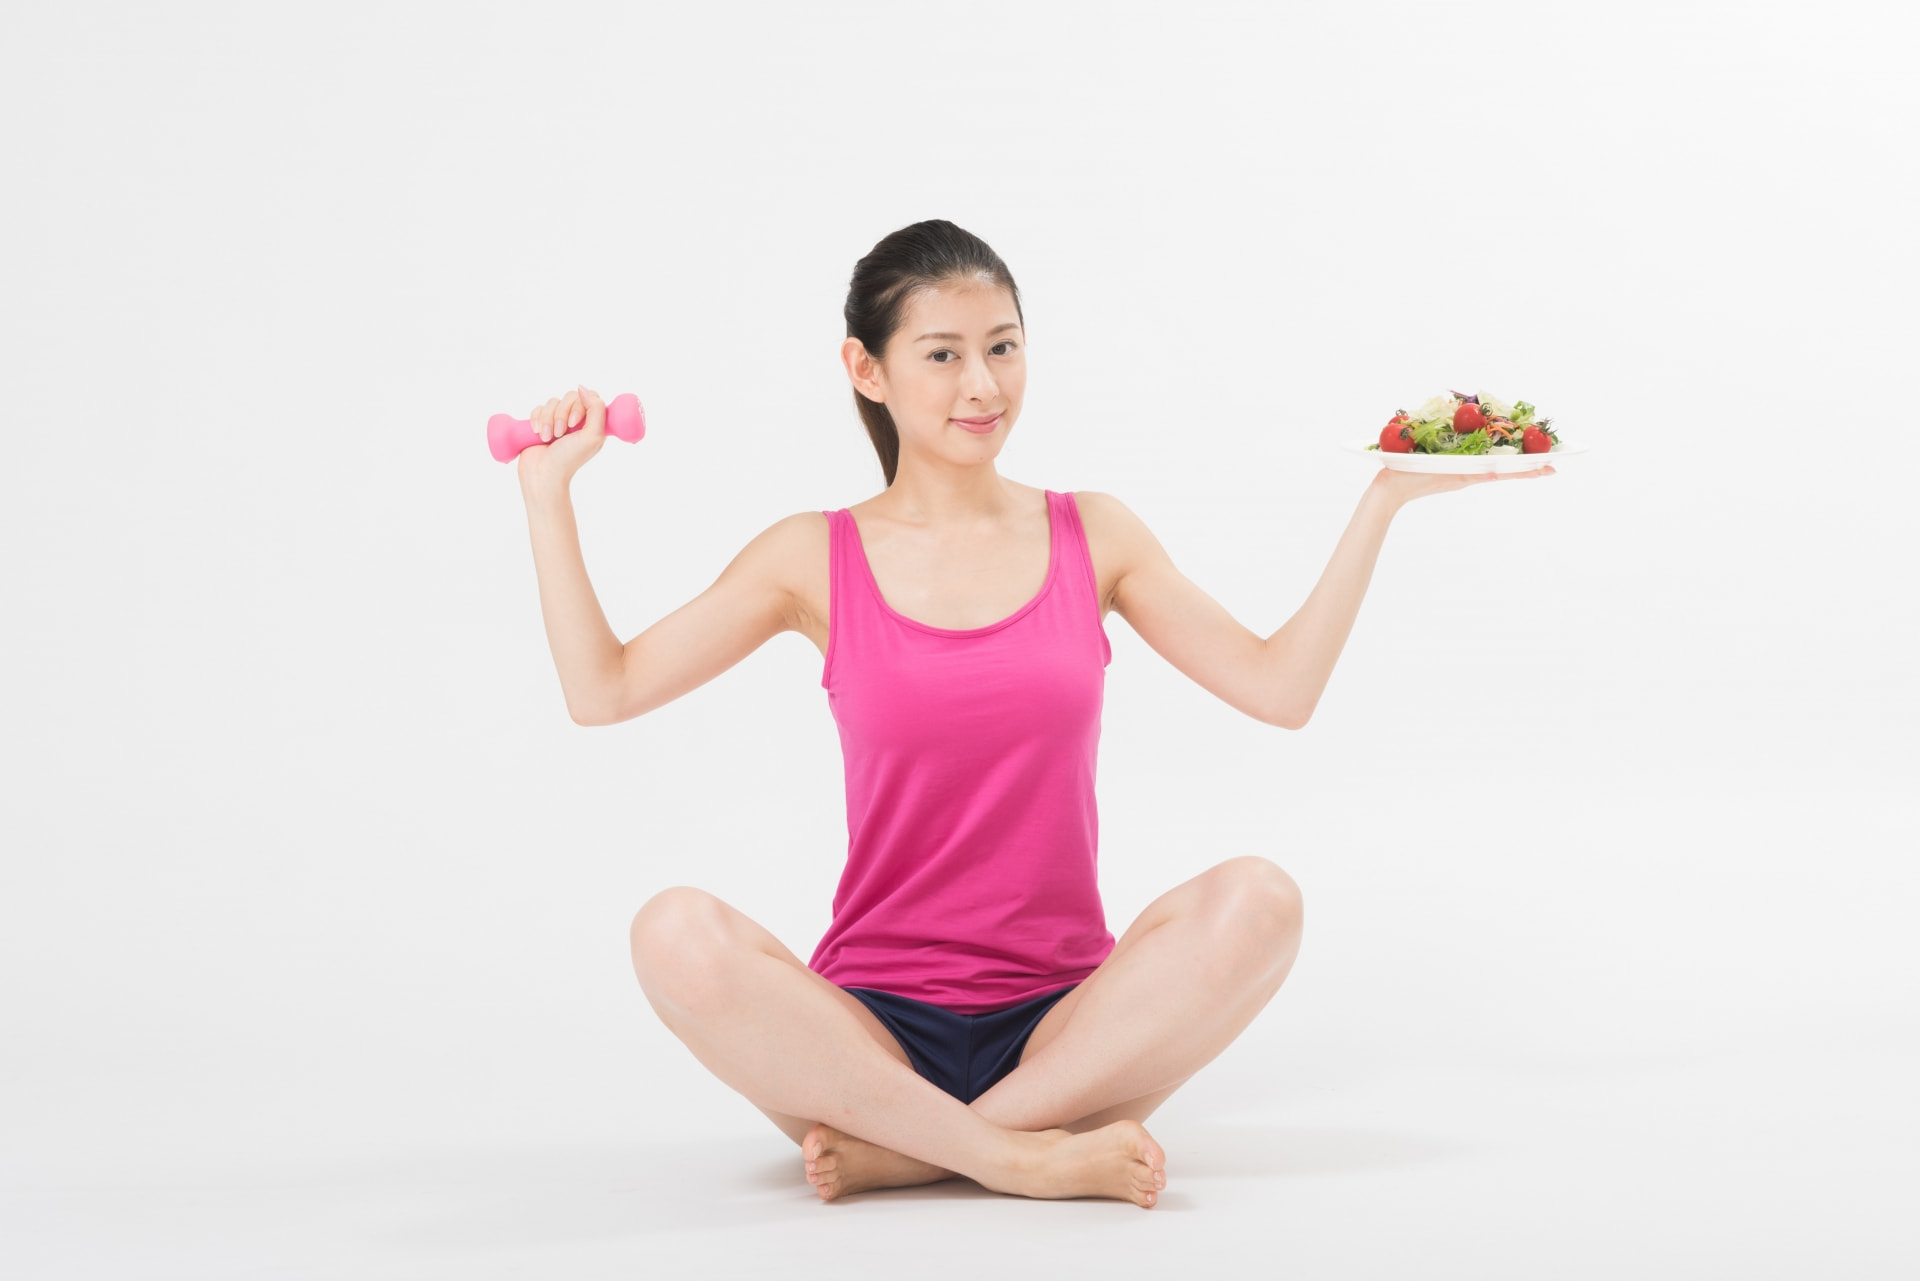 ダンベルと野菜を持つ女性